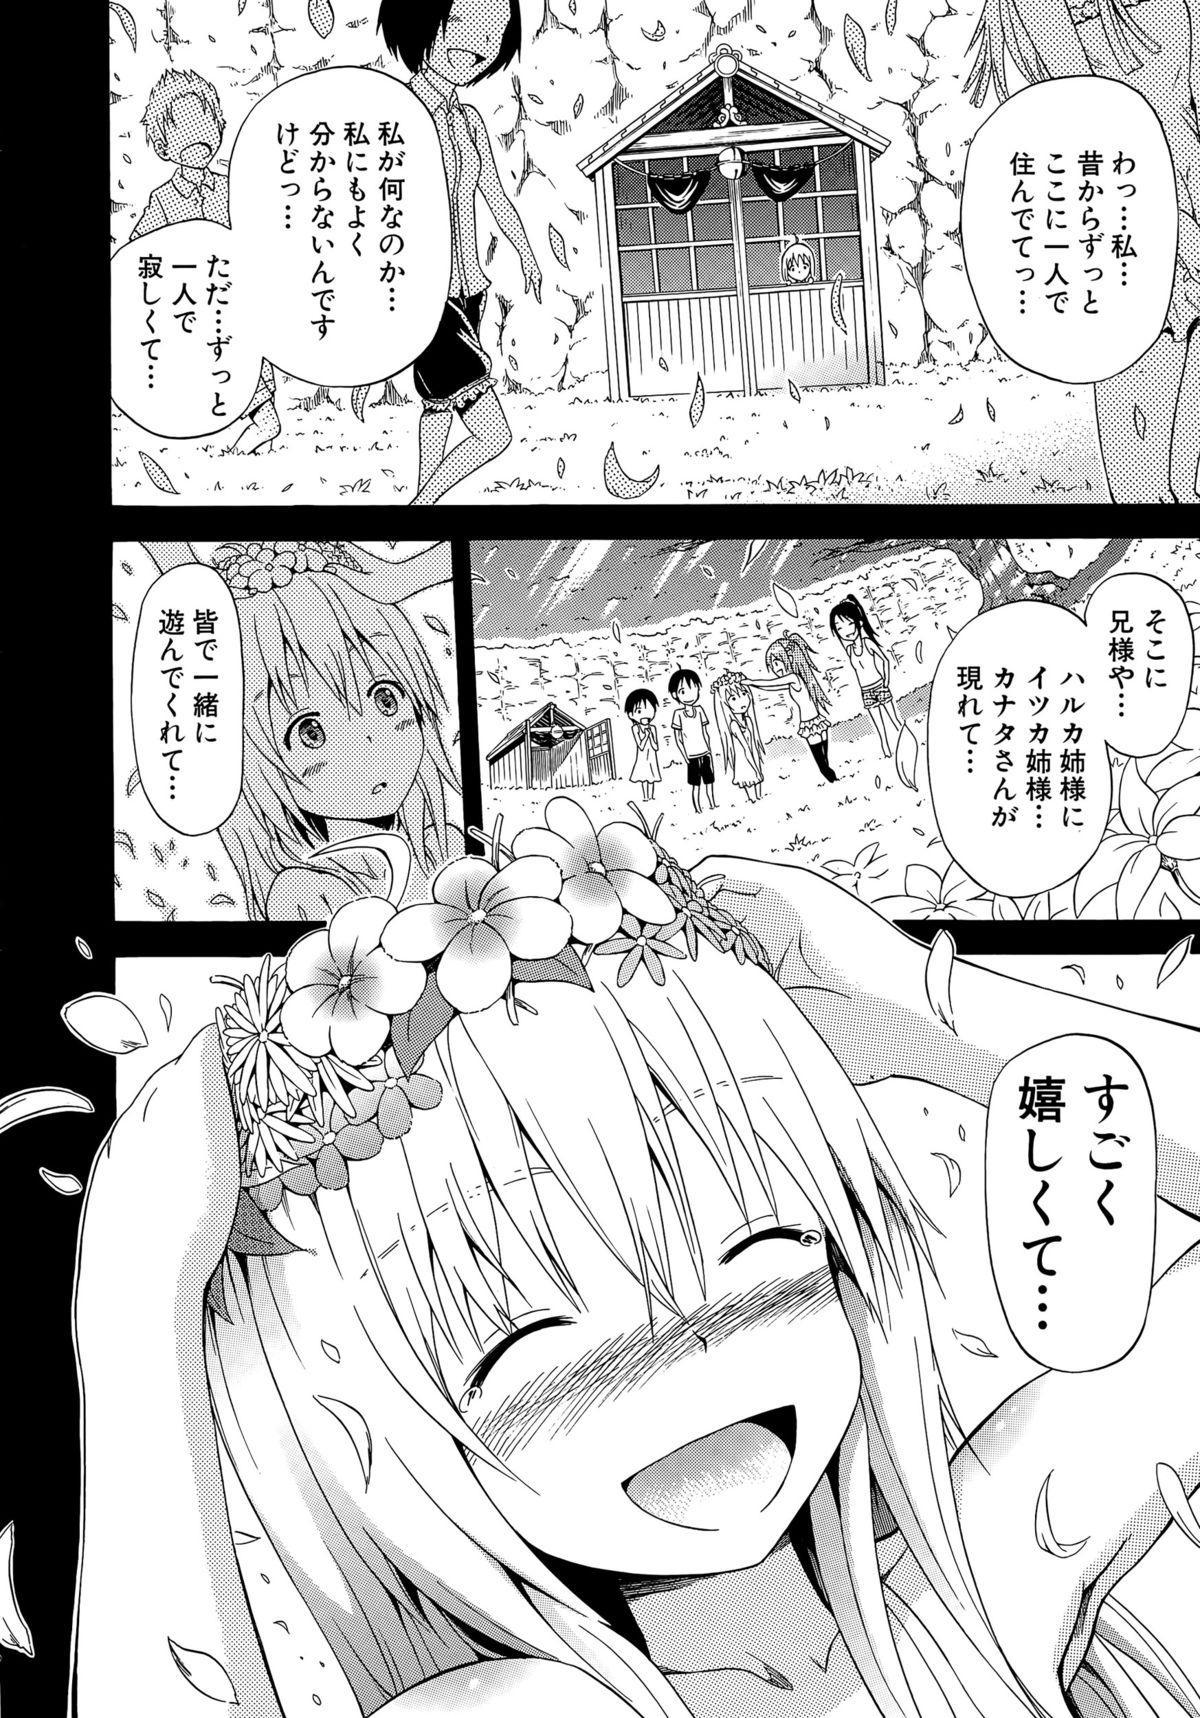 Natsumitsu x Harem! 173